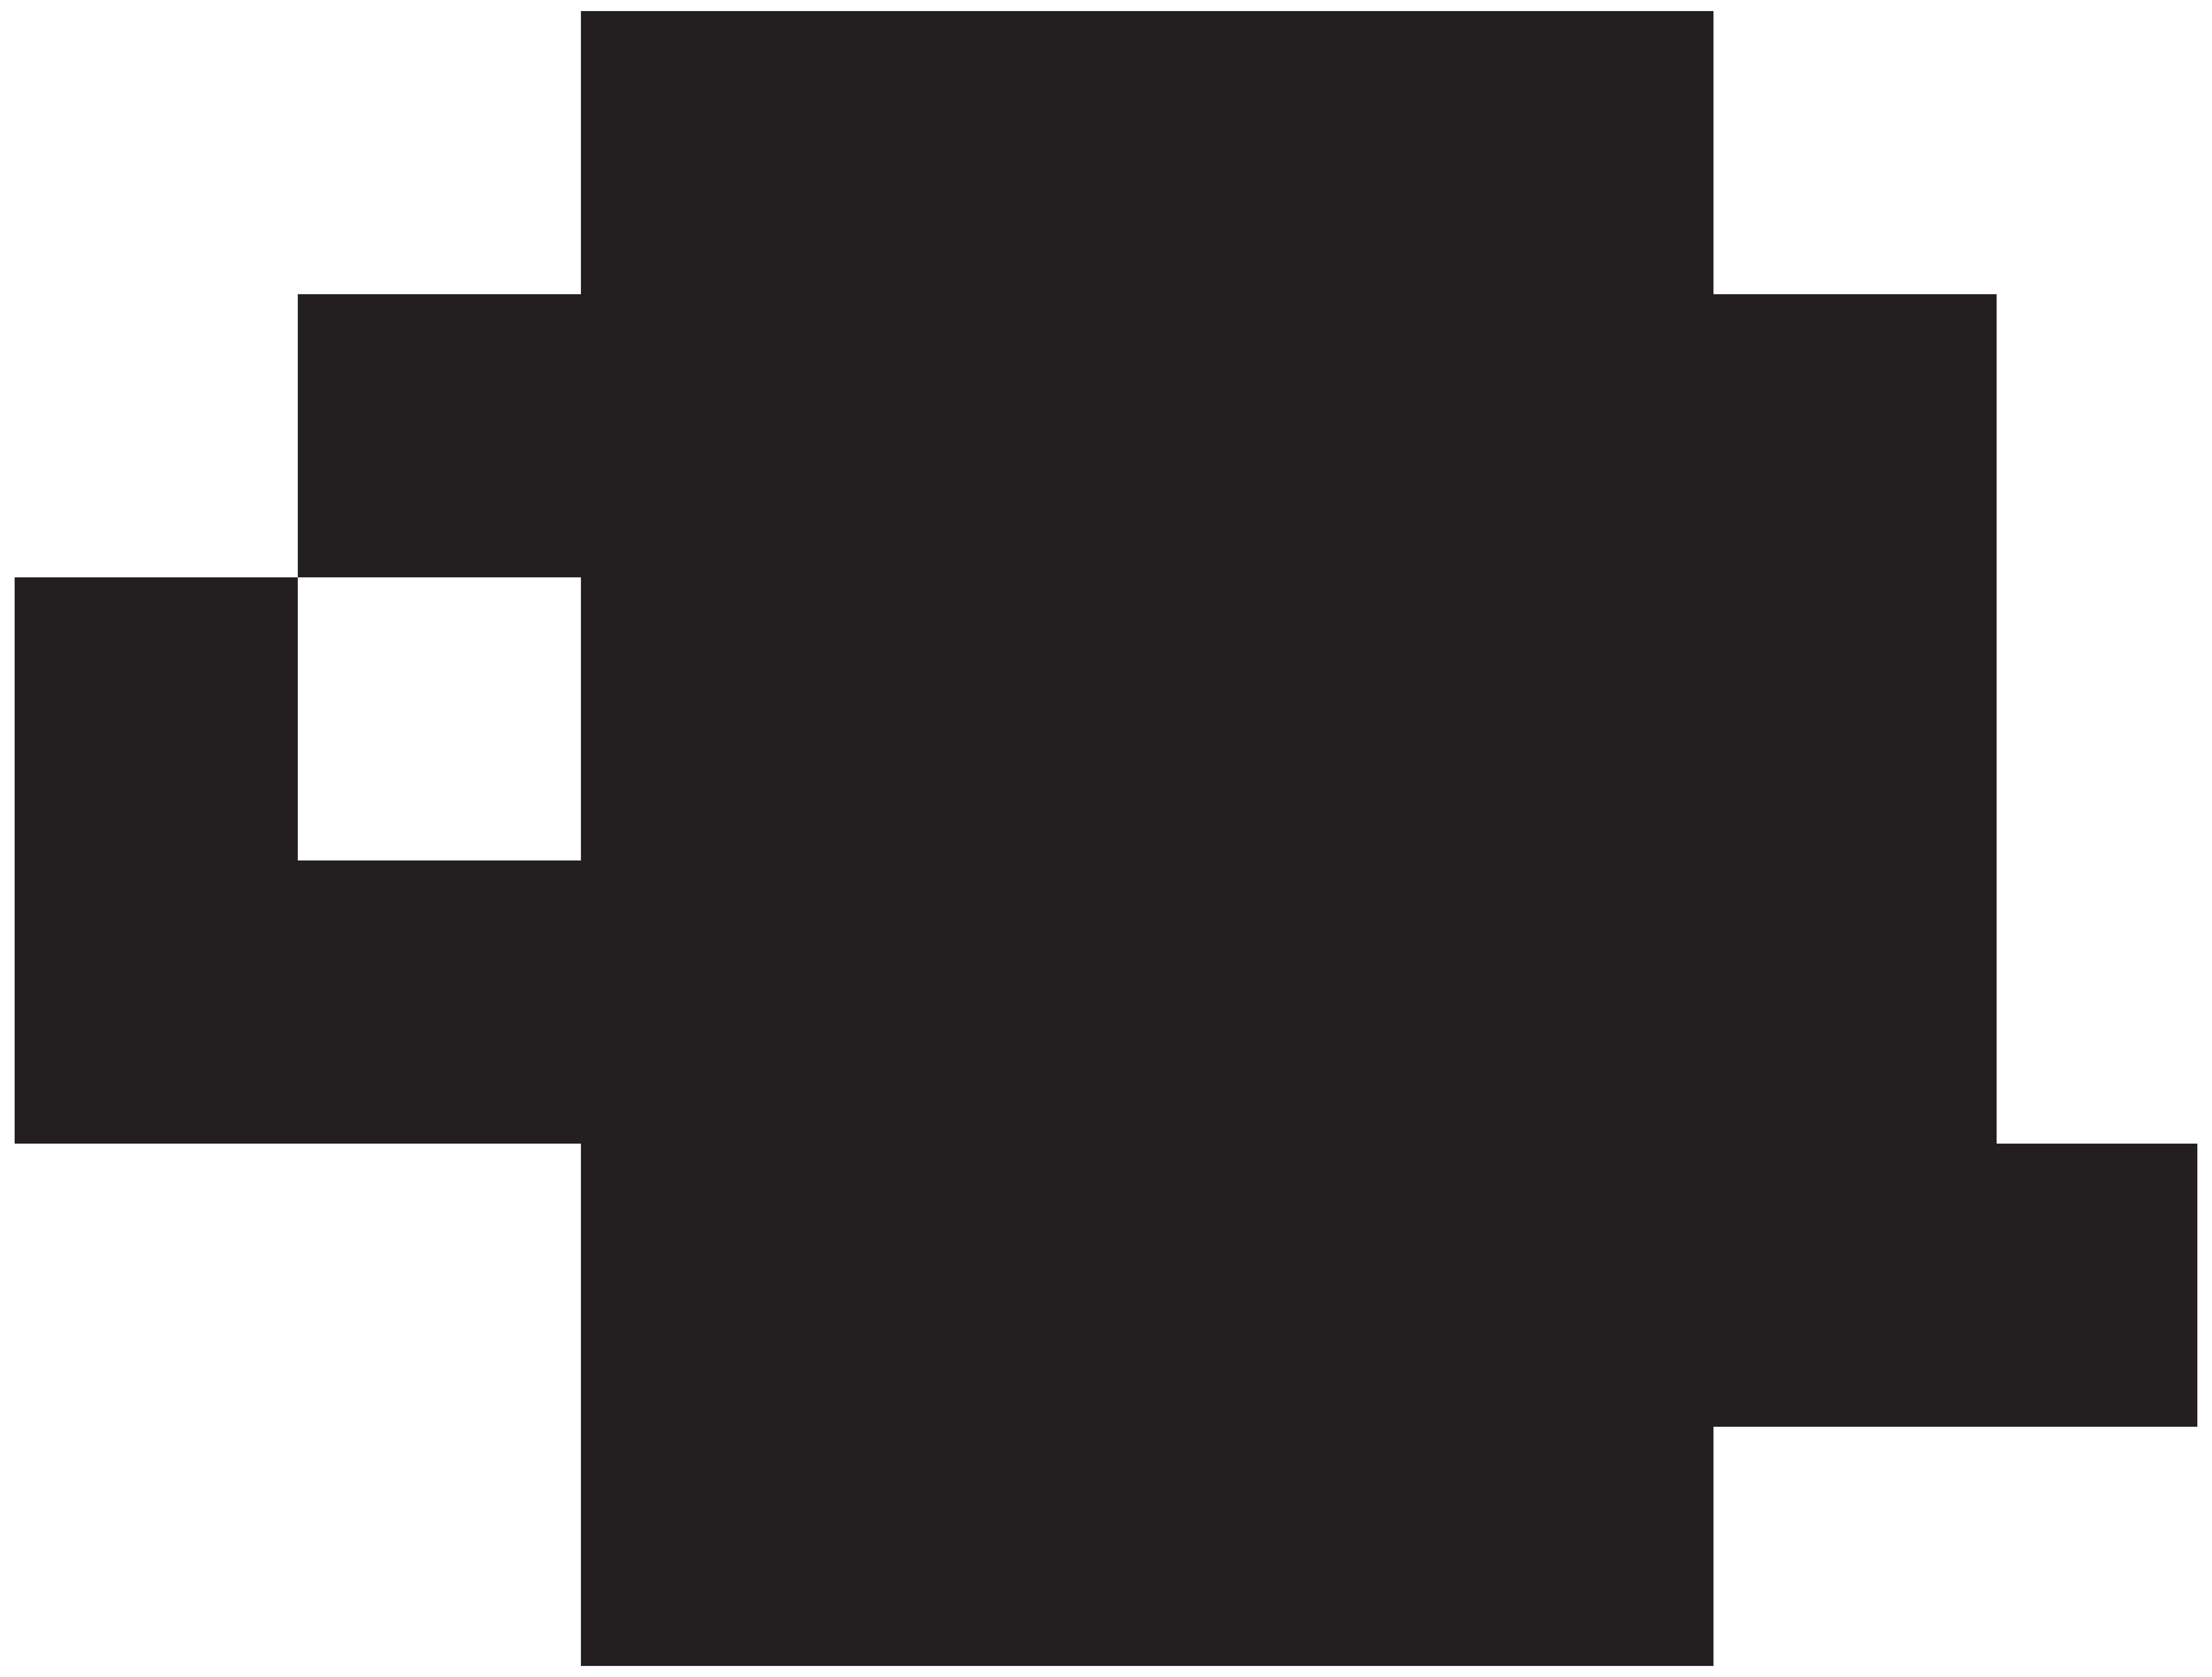 Witchcraft Halloween Silhouette Clip art.